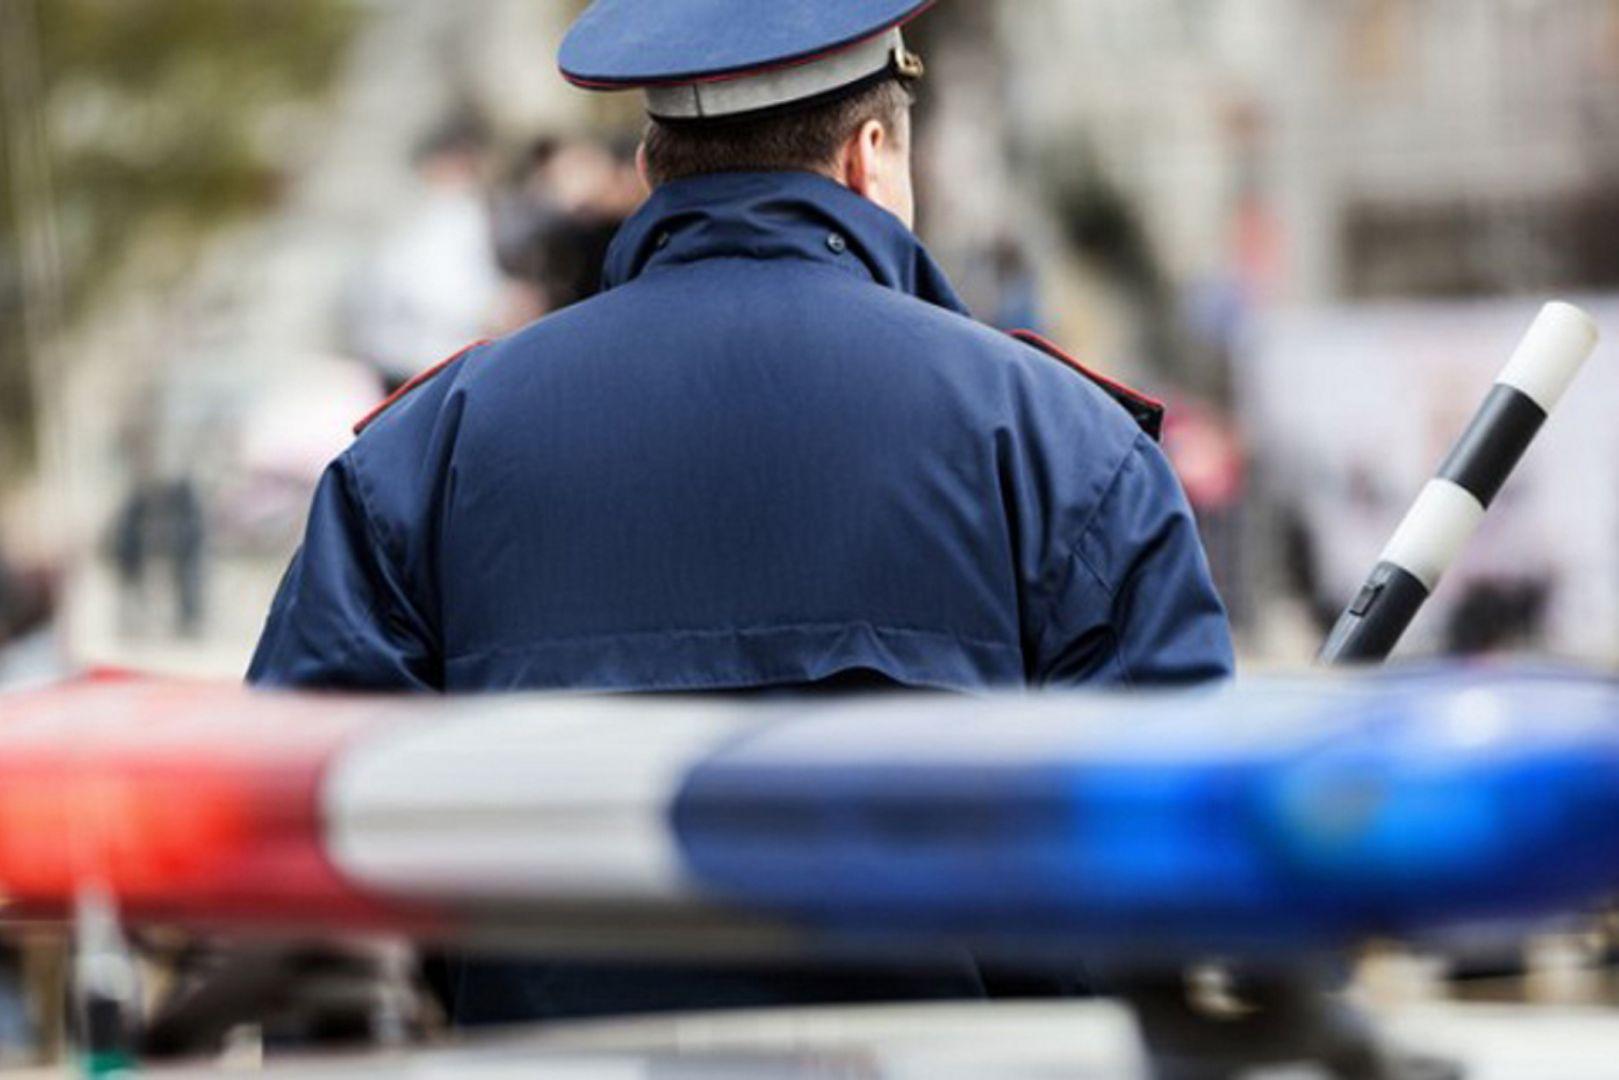 ВСтаврополе избили водителя, пытавшегося объехать пробку пообочине